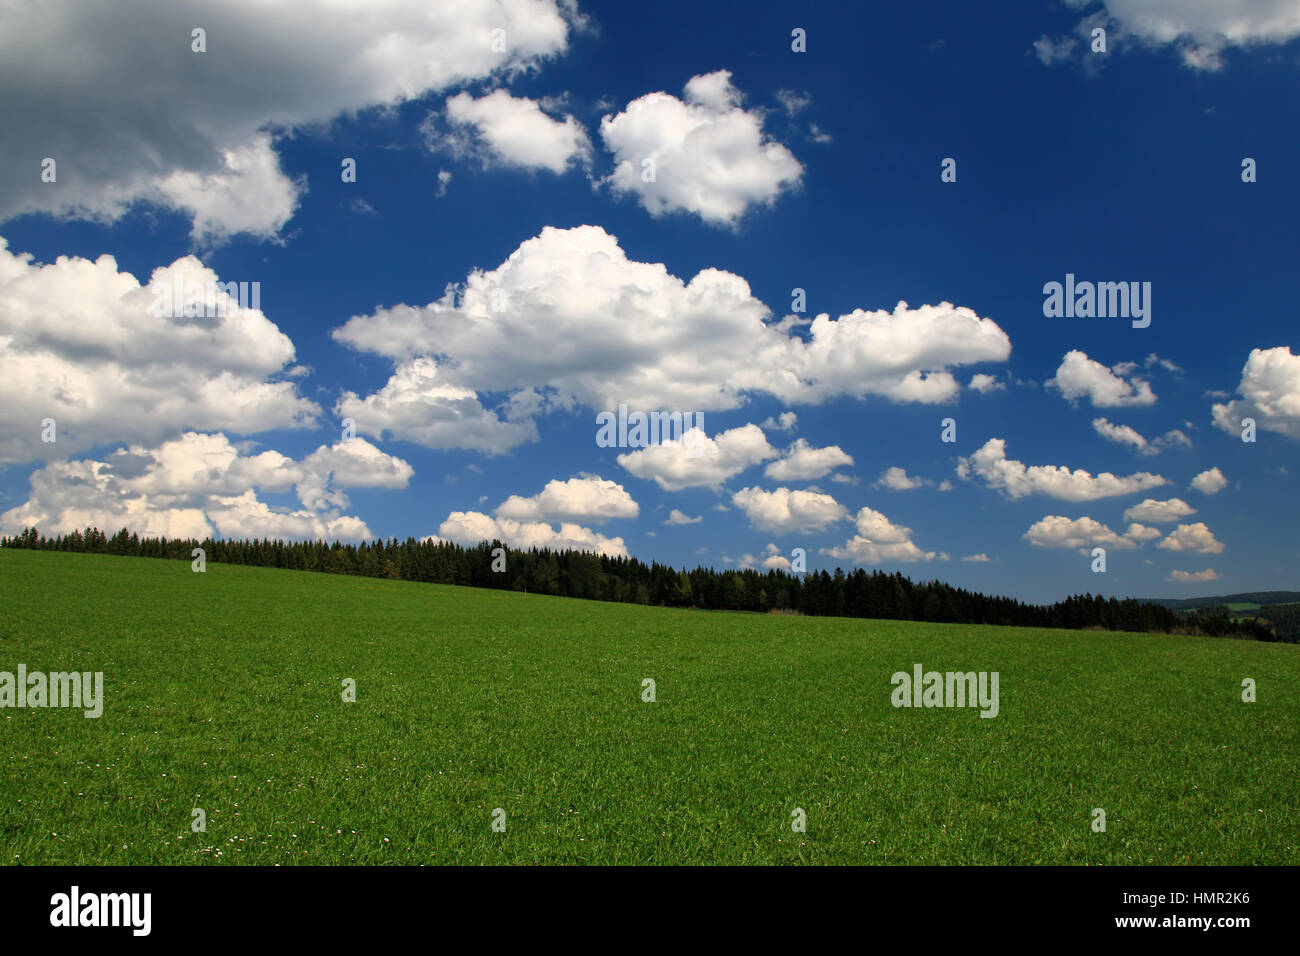 Schwarzwaldwanderung Unter Blauem Himmel Stockbild